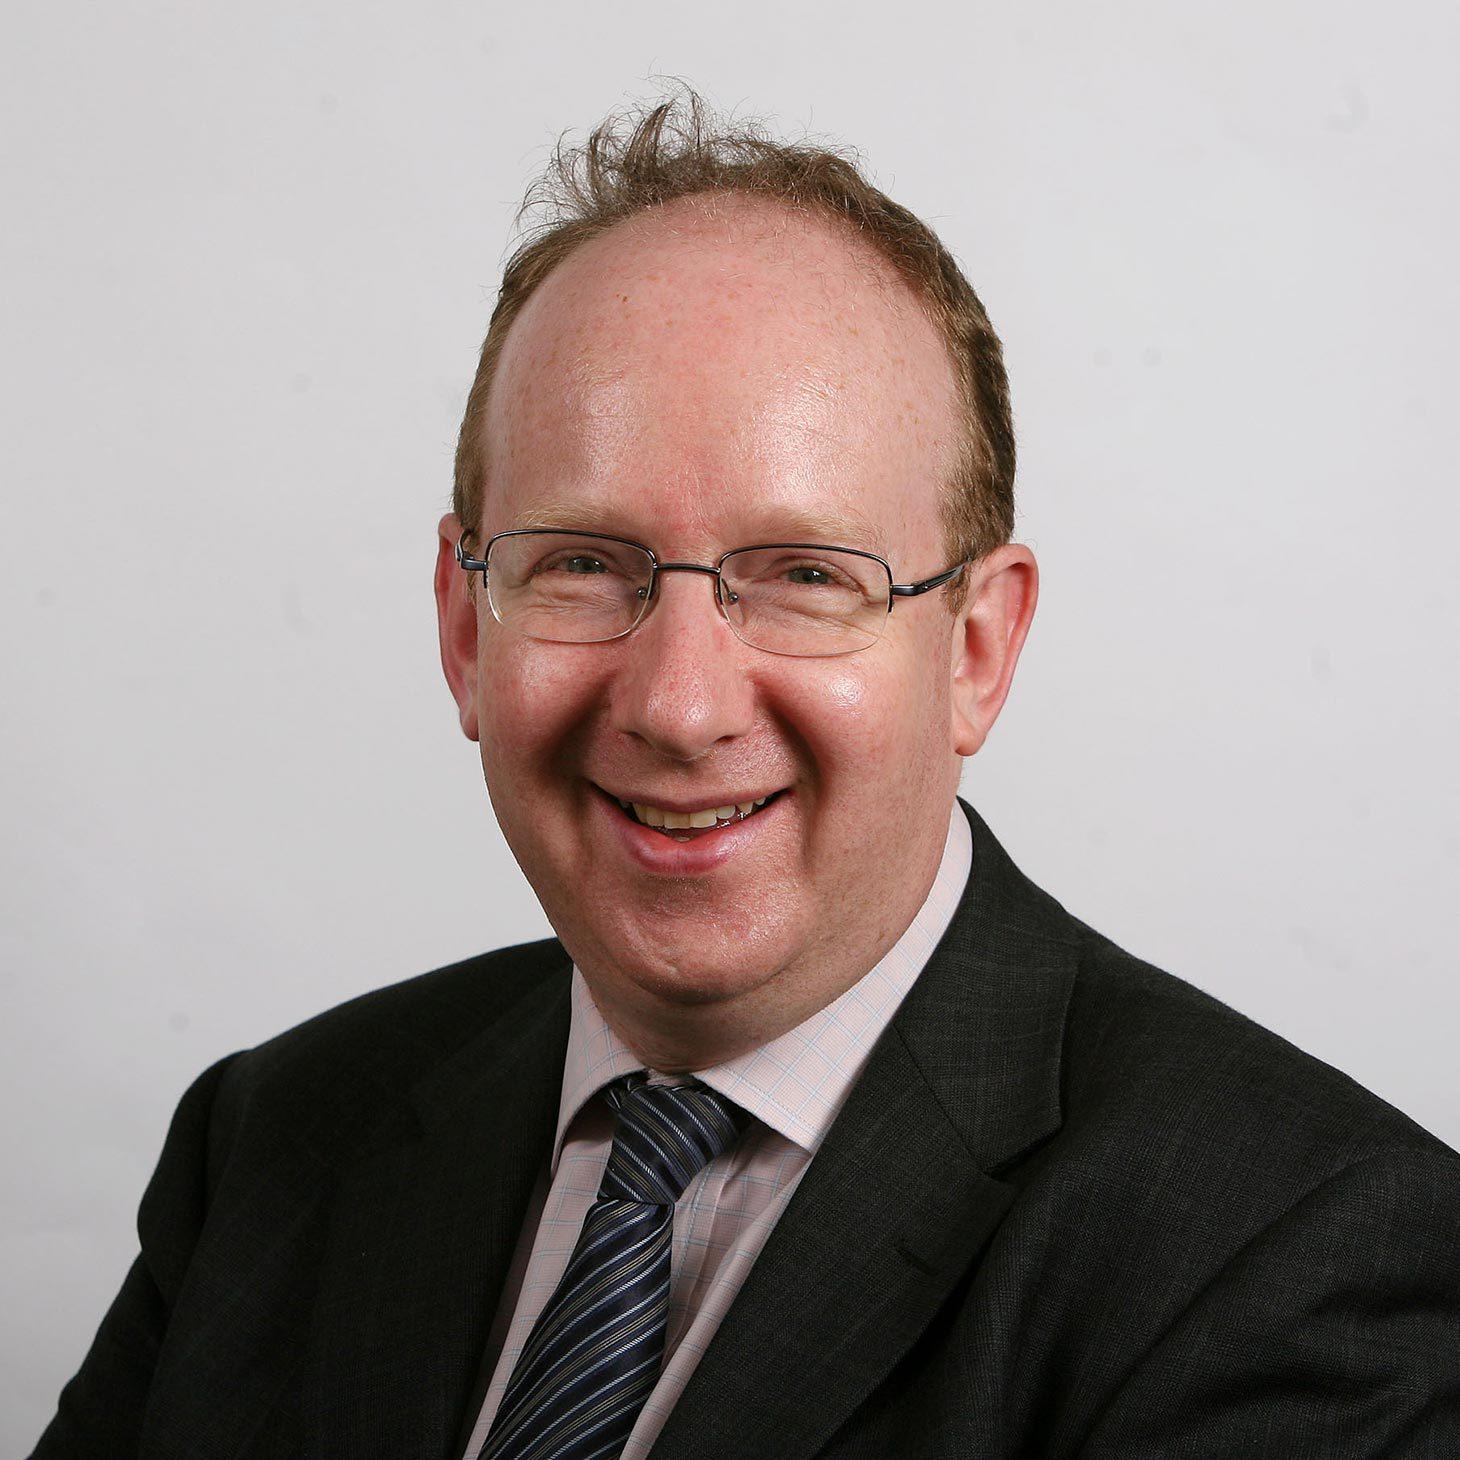 The Lord Daniel Finkelstein OBE